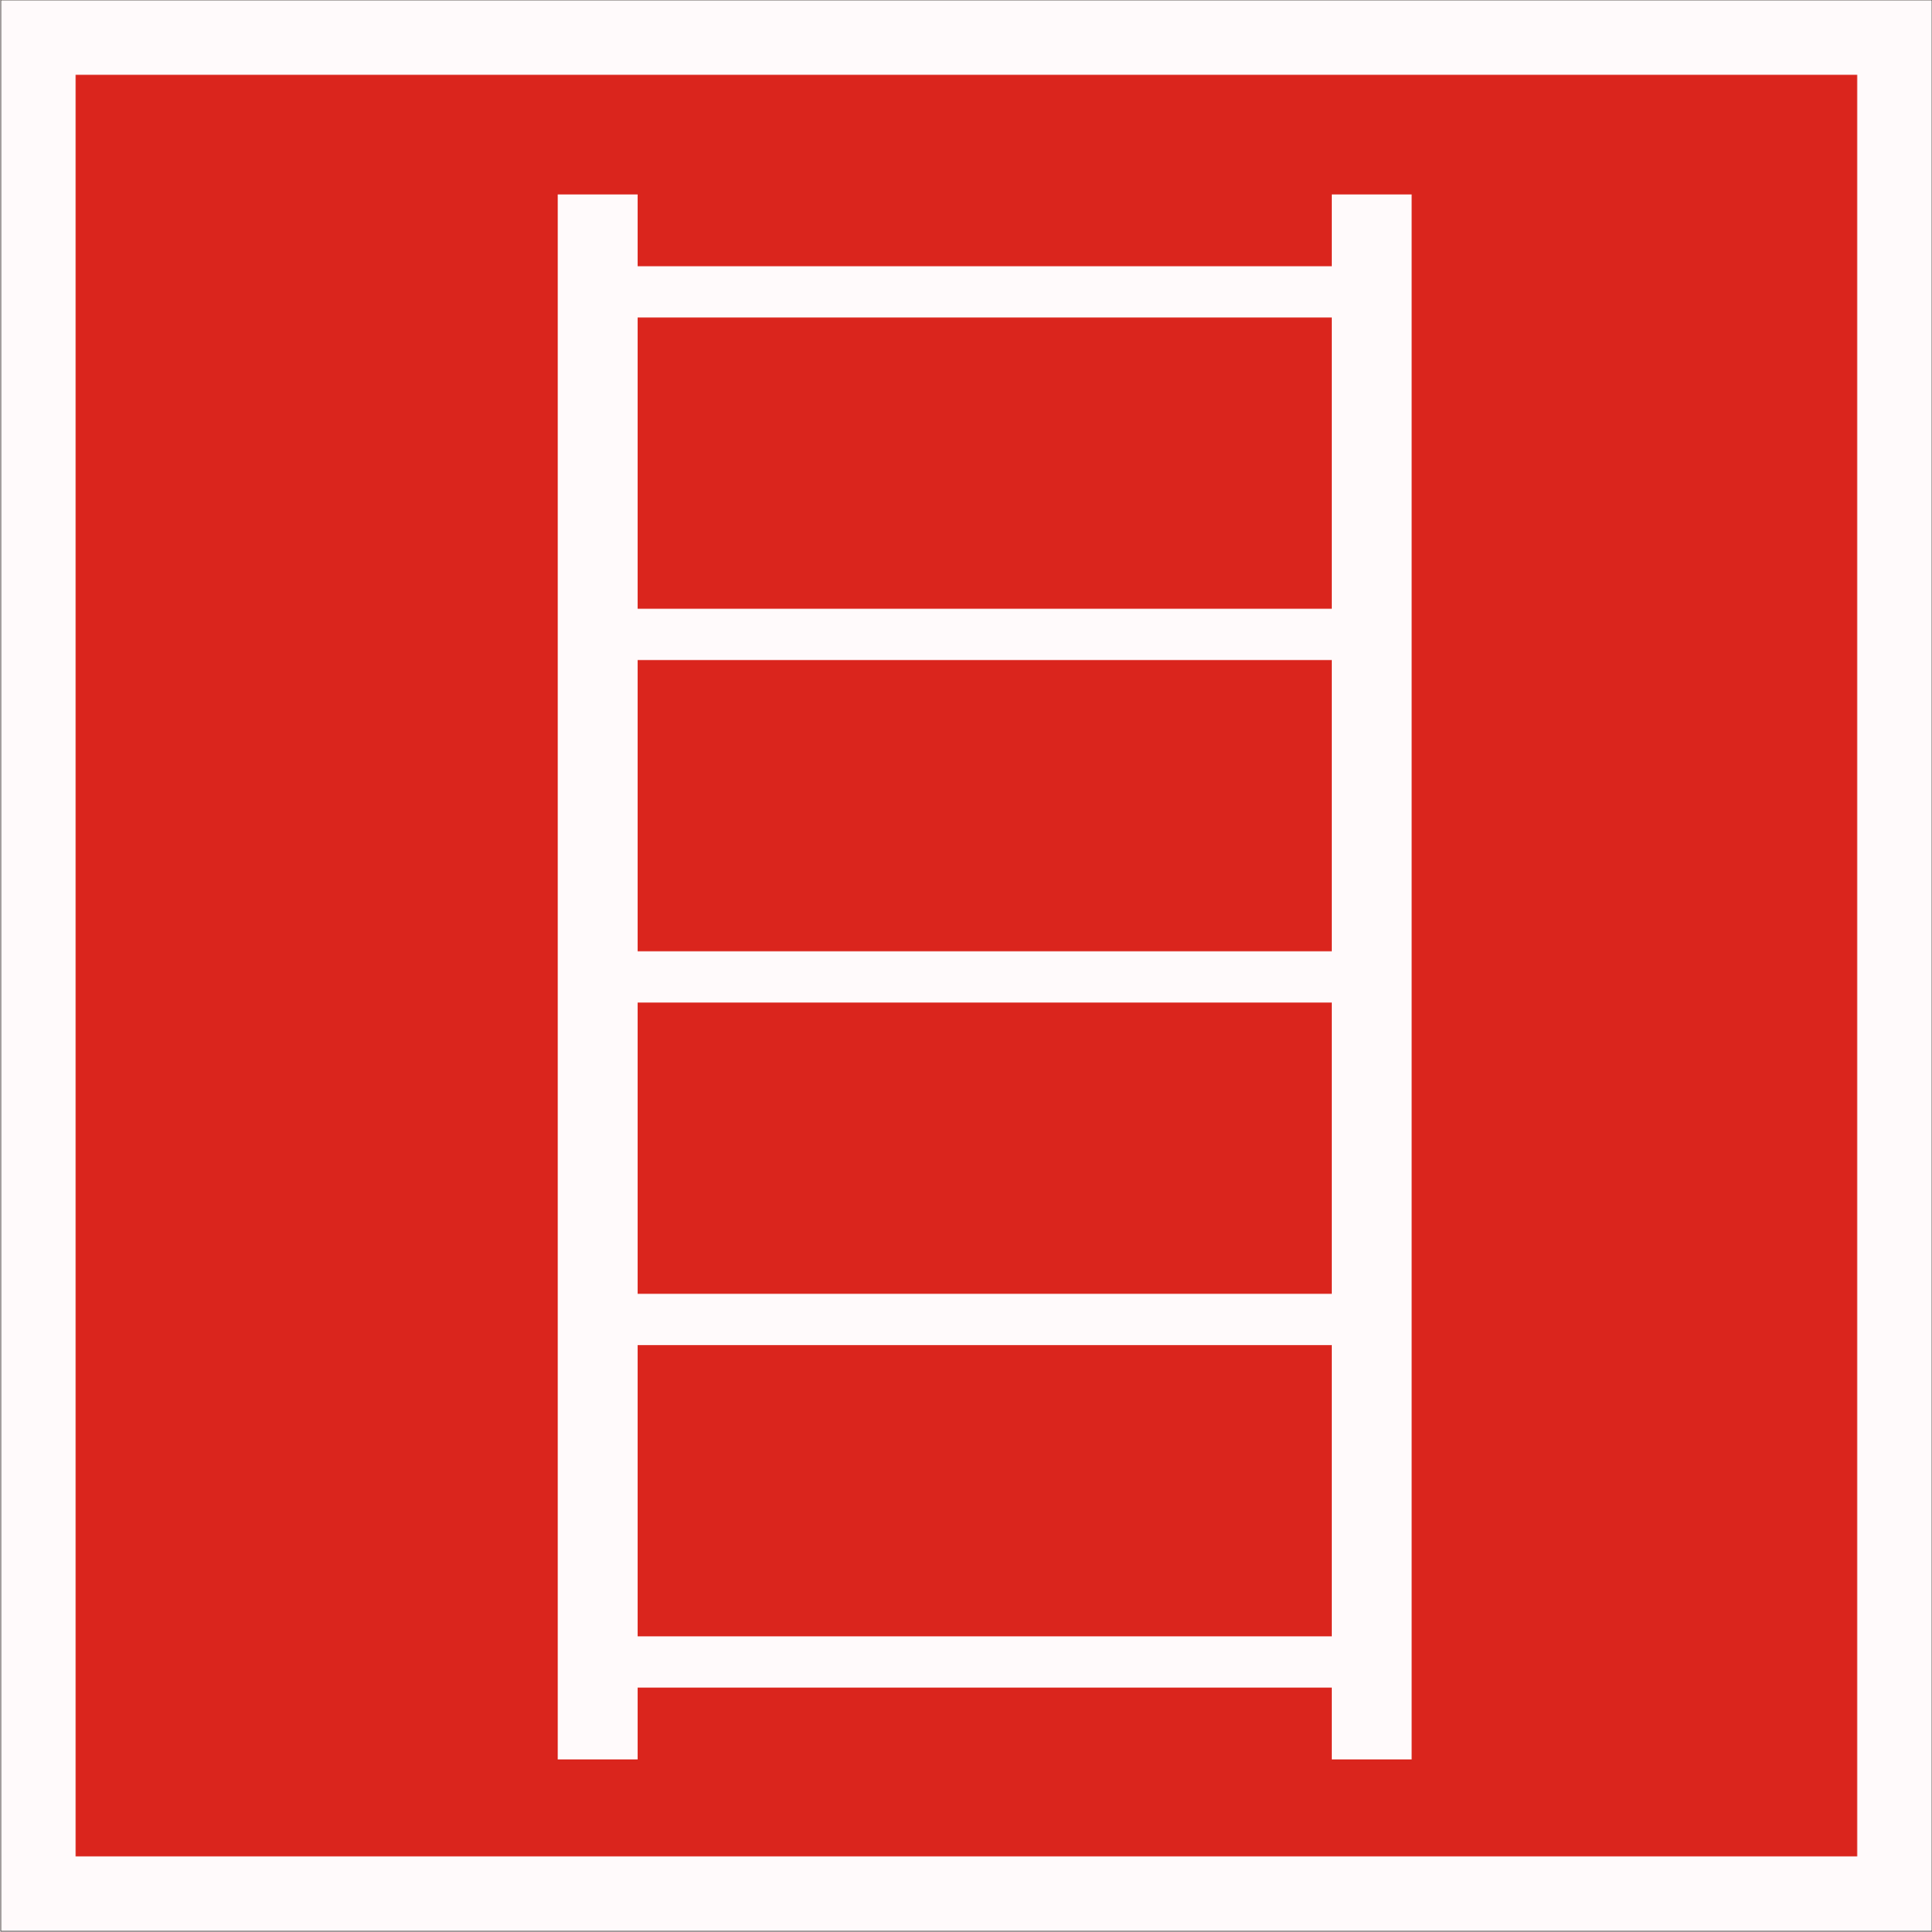 Знак пожарной лестницы